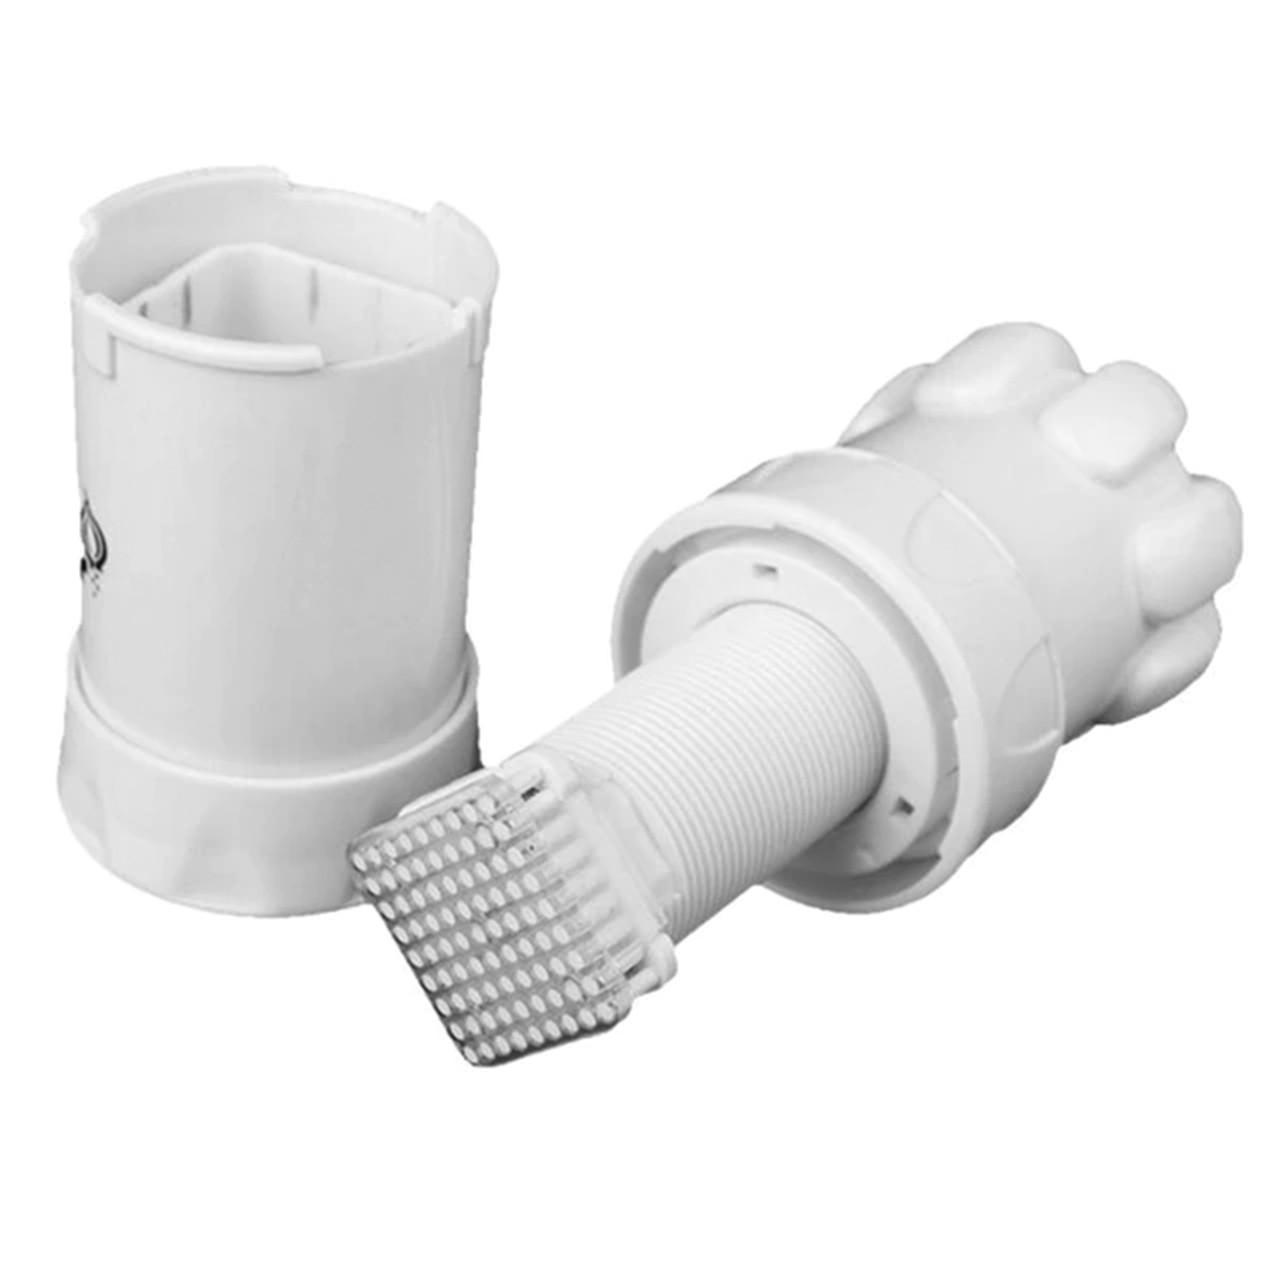 Пресс Garlic master чесночница для измельчения в салаты гарниры кухонный прибор дробилка